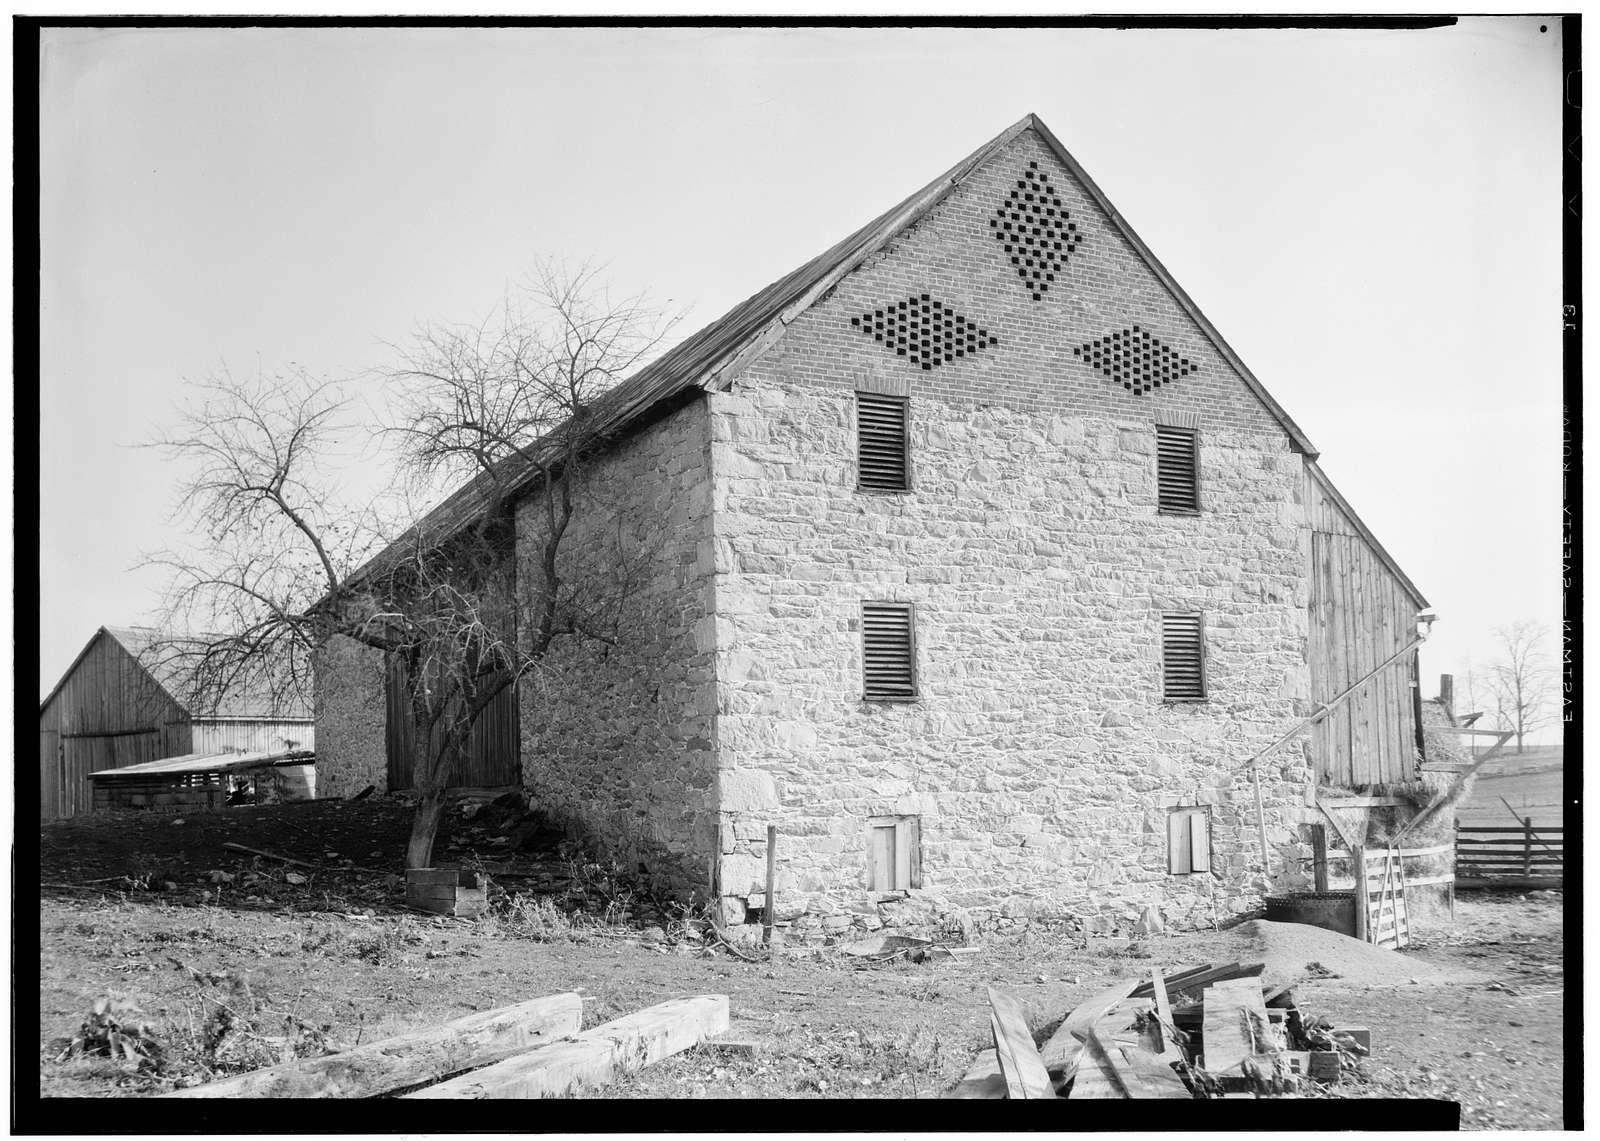 Hilliard's Farm Barn, Shepherdstown, Jefferson County, WV